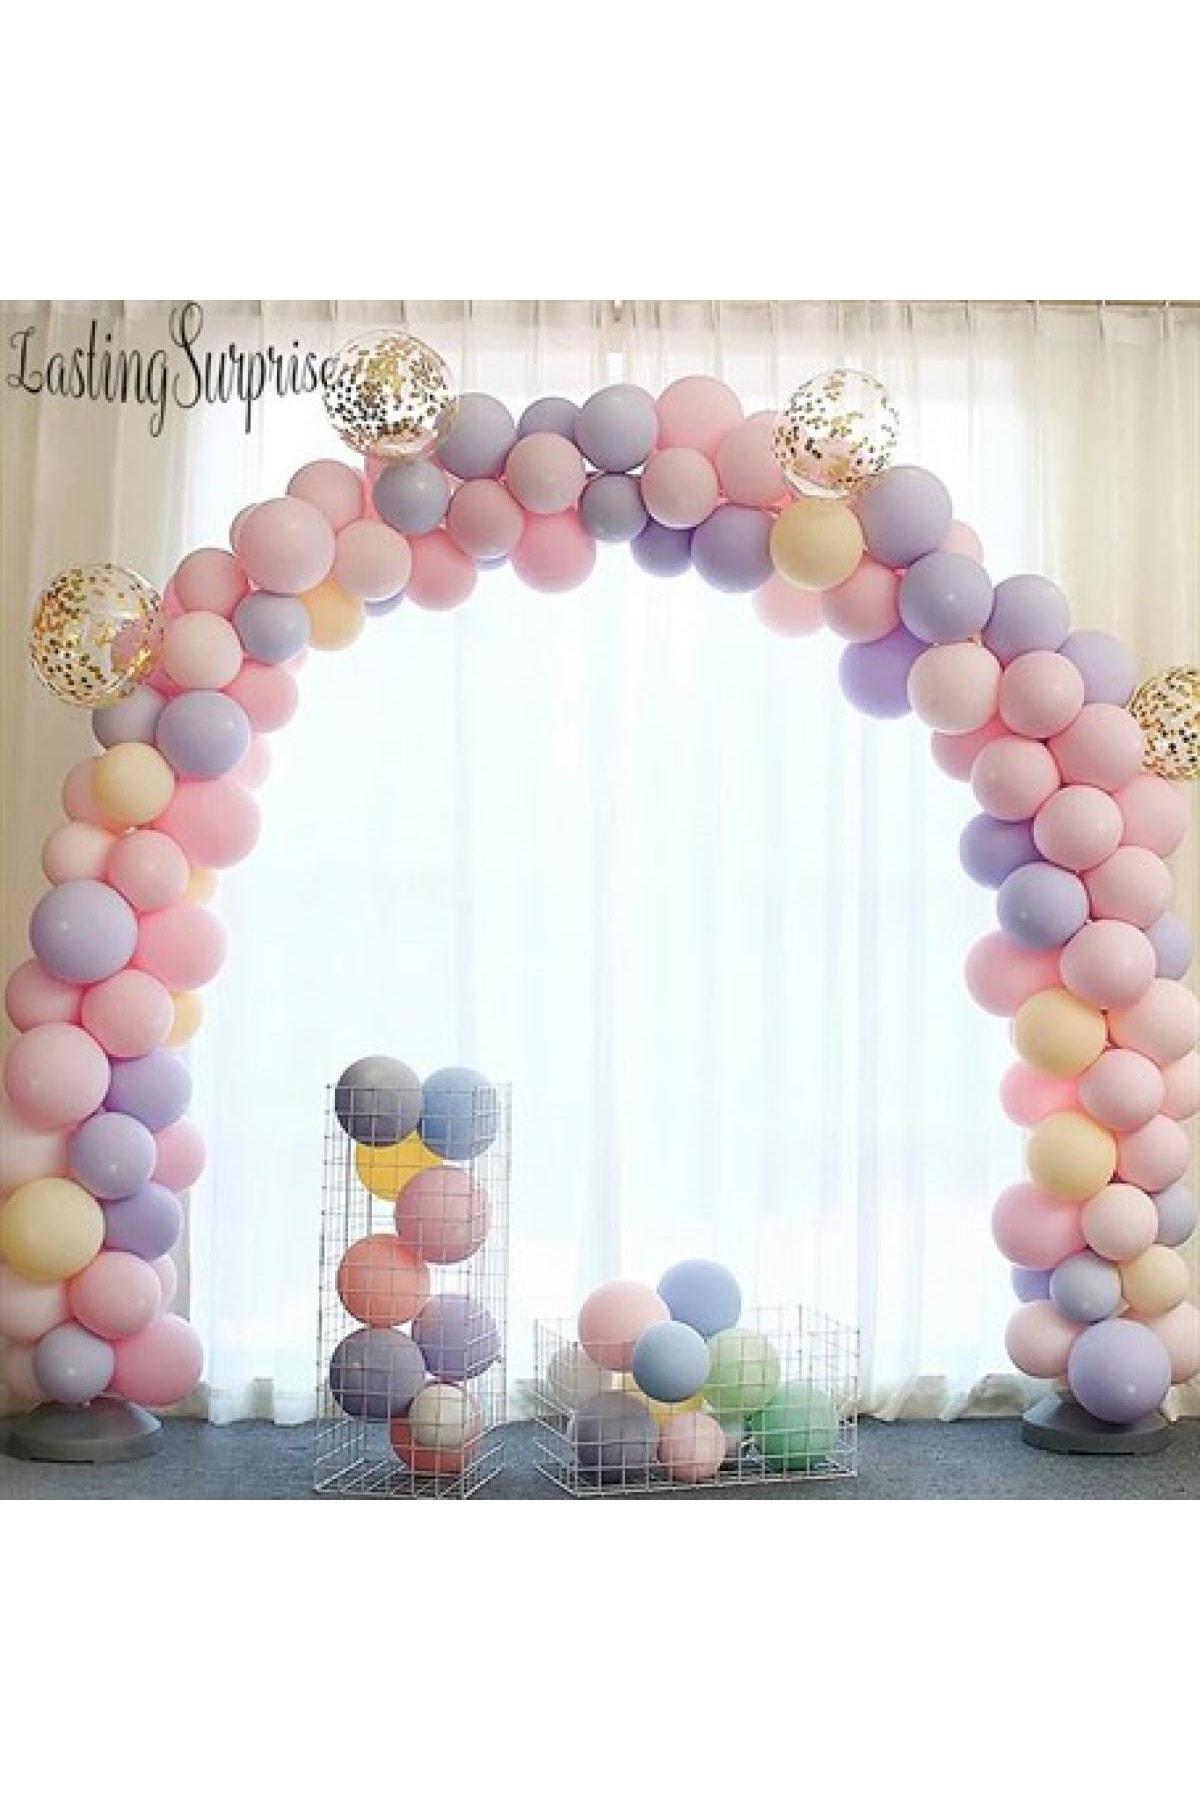 Makaron Balonlu Zincir Makaron Balon Seti 5 Mt Zincir 50 Balon Karışık